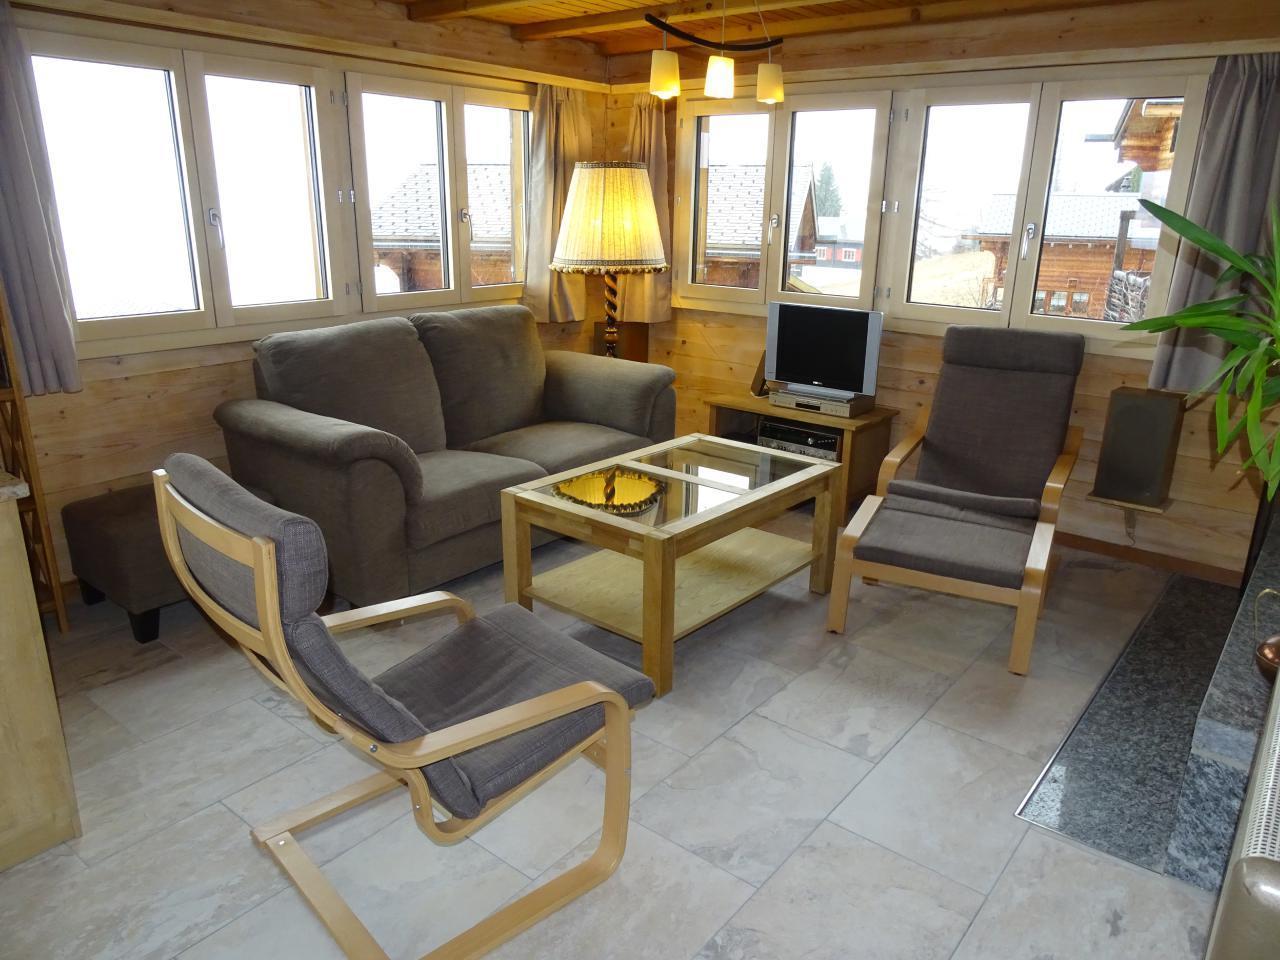 Appartement de vacances Chalet Stefanino, 3 1/2 Zimmer (487097), Bellwald, Aletsch - Conches, Valais, Suisse, image 4